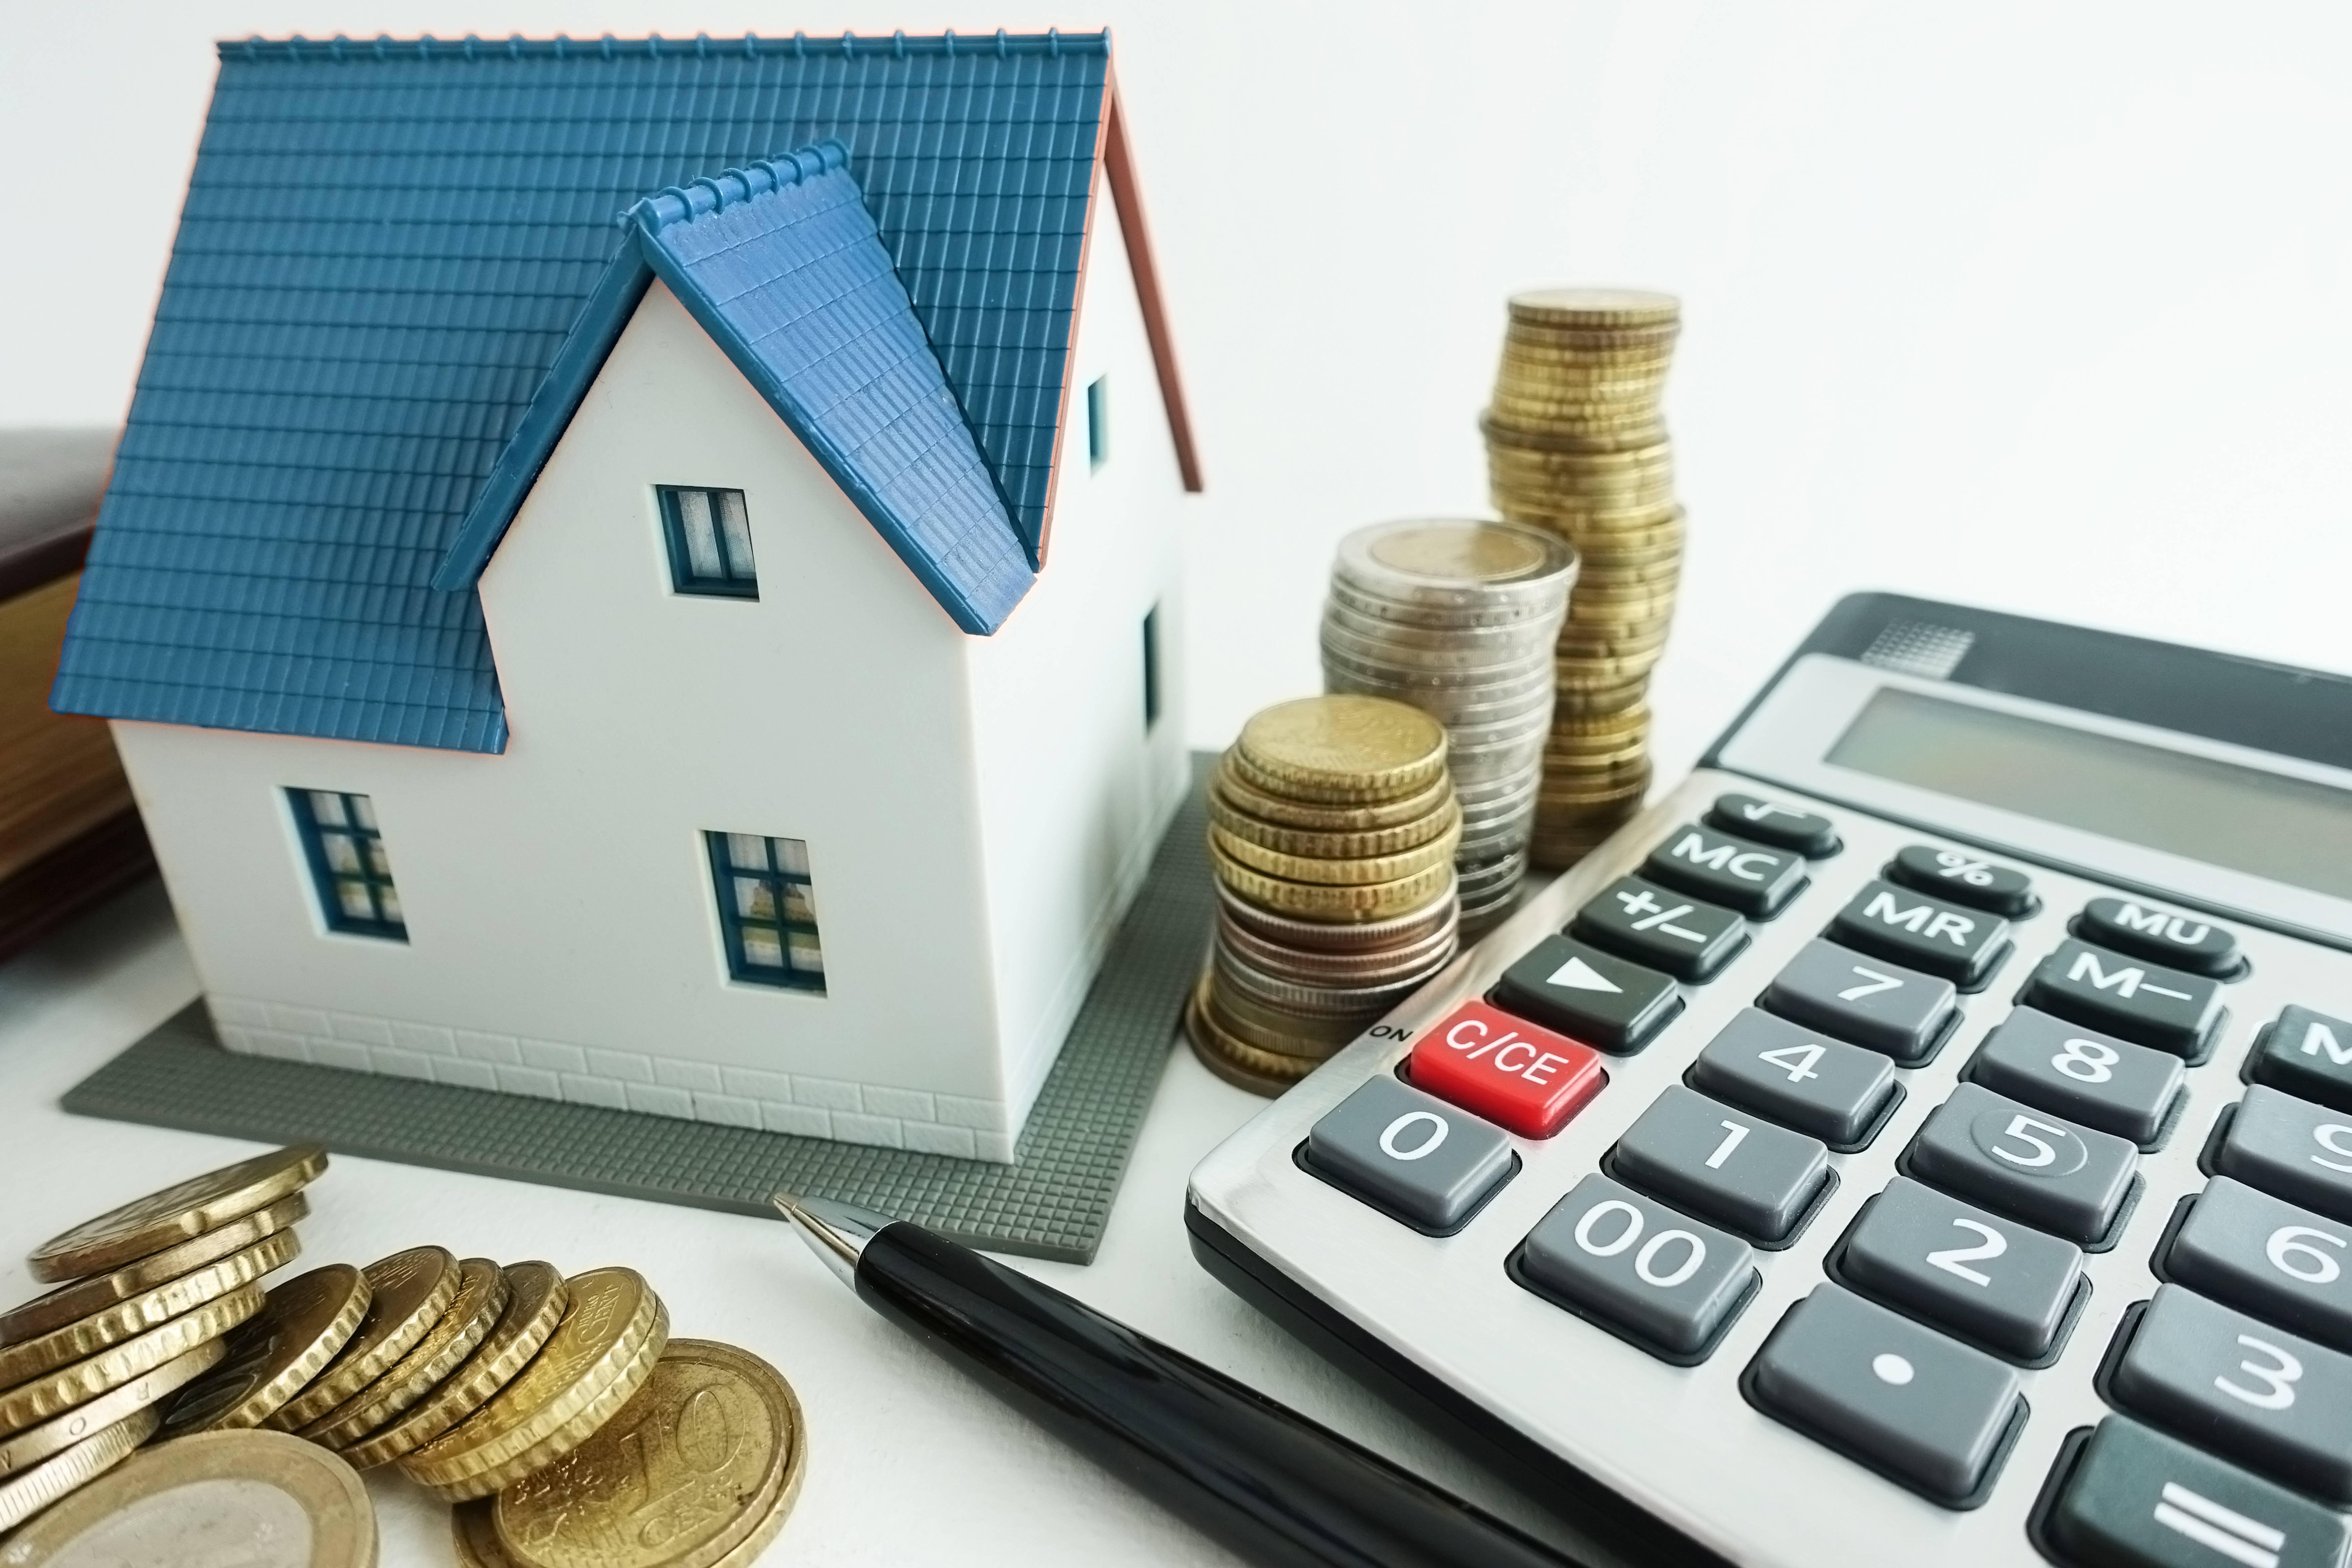 Налоги на недвижимость в испании для россиян / gogospain